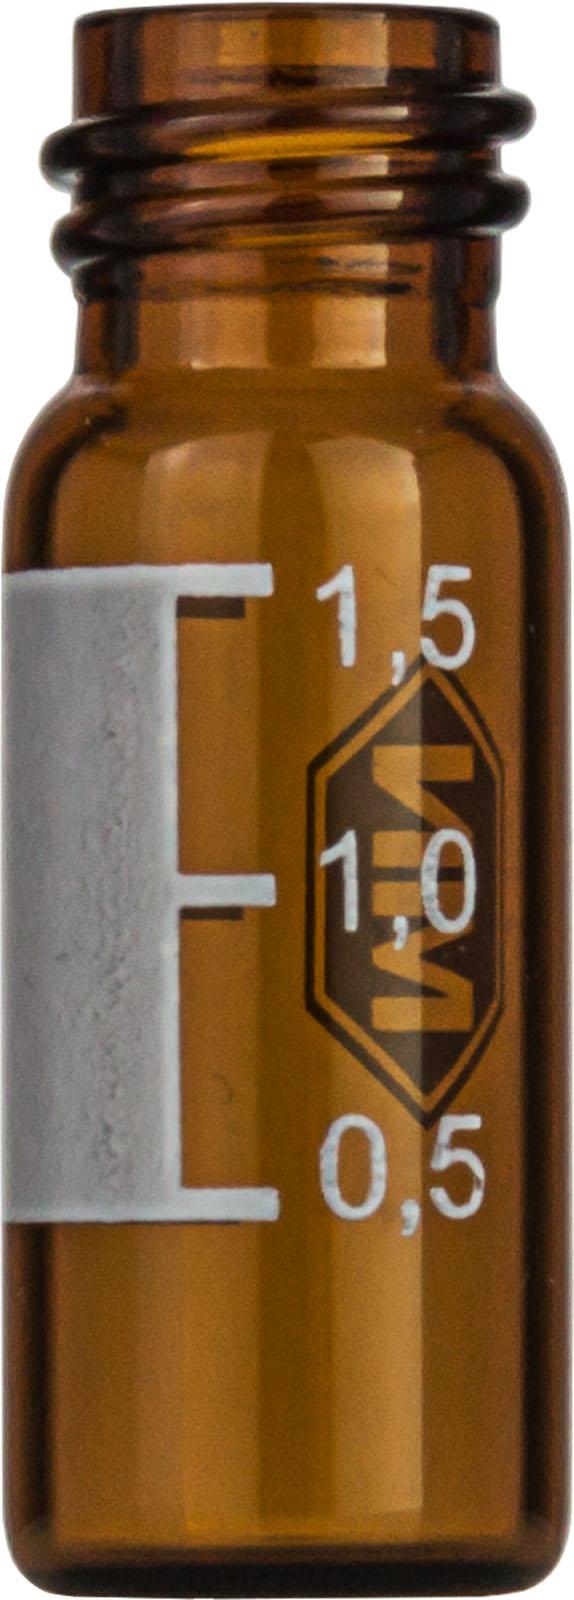 Vial N10-1.5, GW, b, 11,6x32, flach, SF